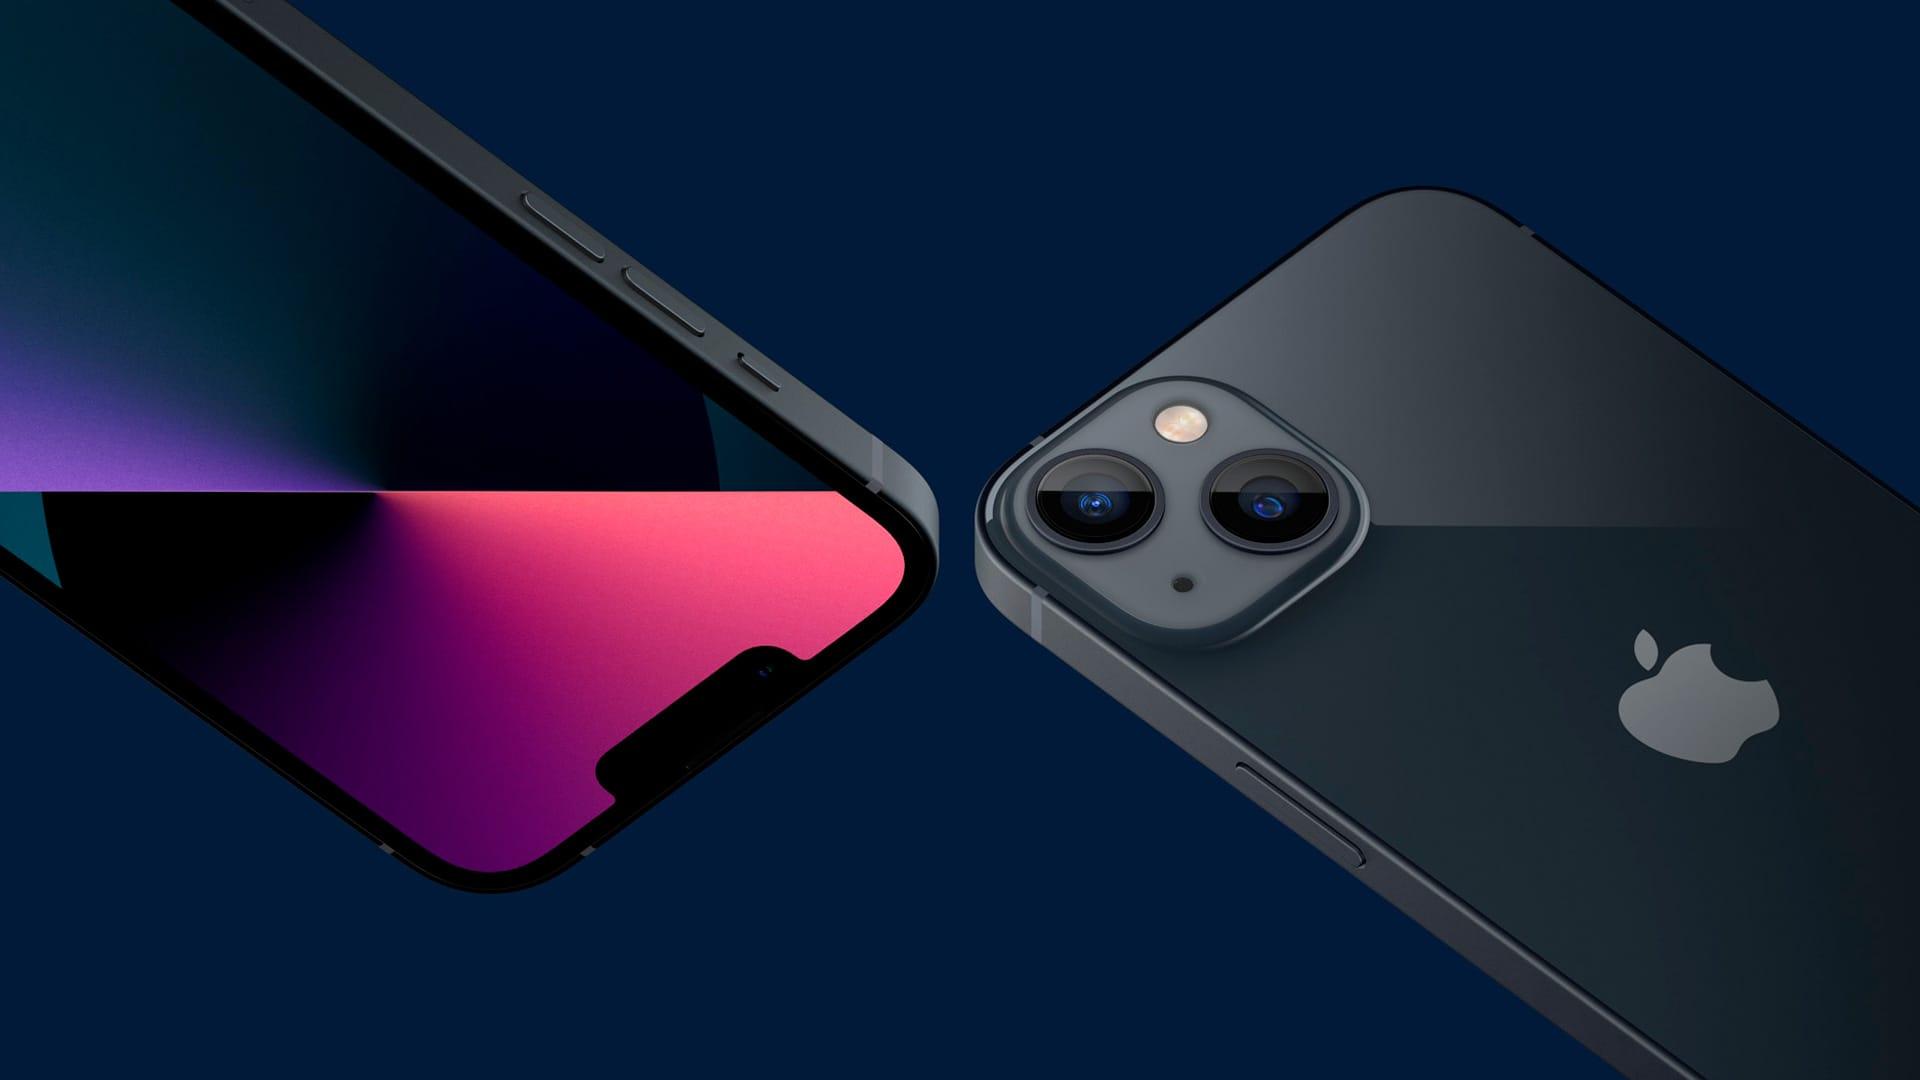 Compra el iPhone 13 Movistar: precios y tarifas